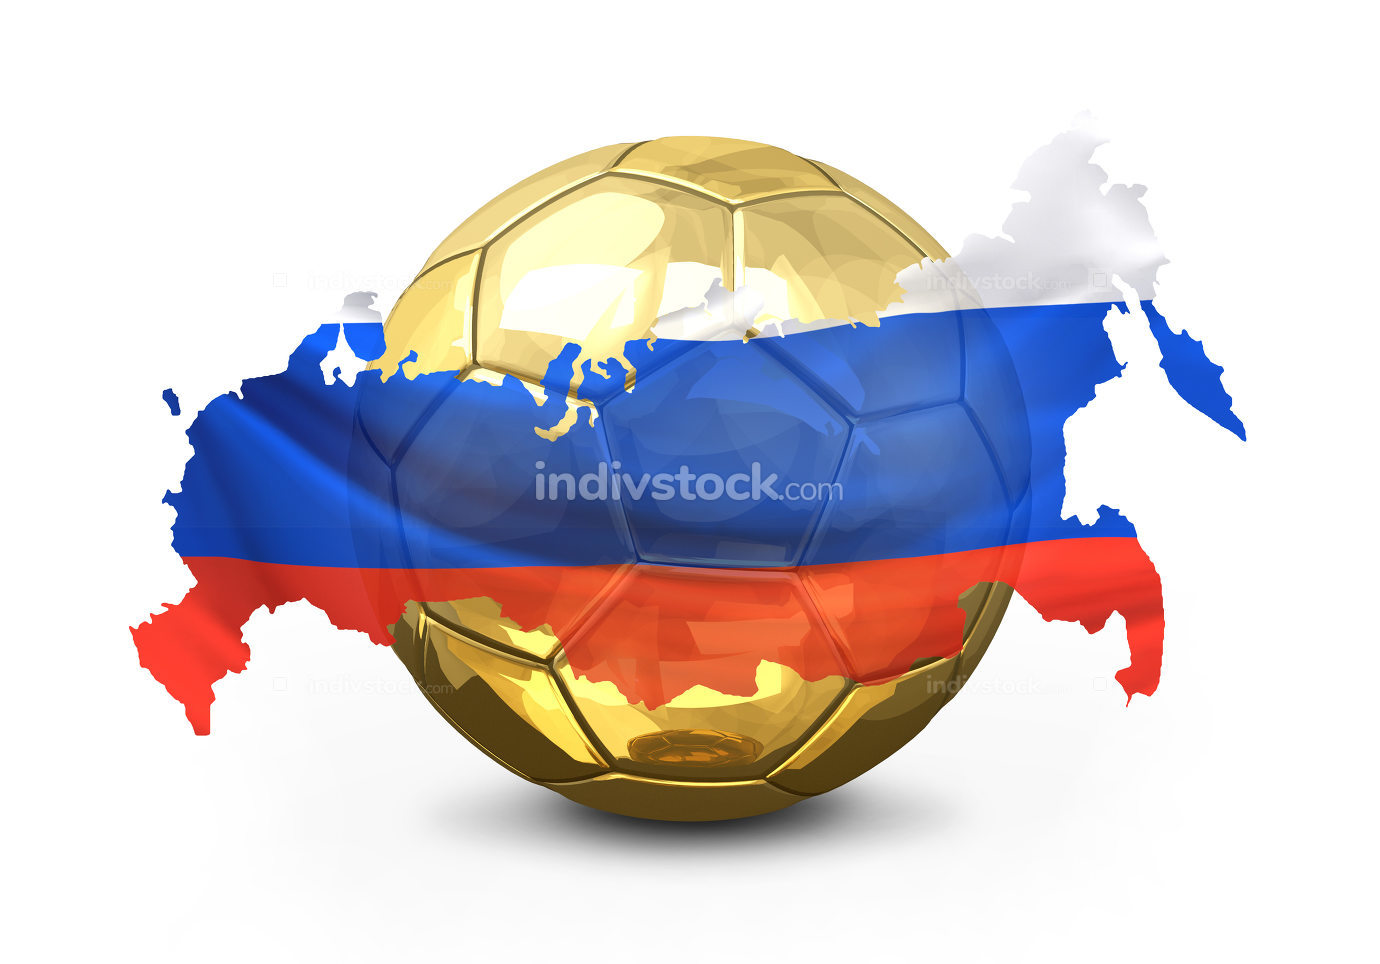 golden soccer football ball. Russia russian map. isolated 3d ren